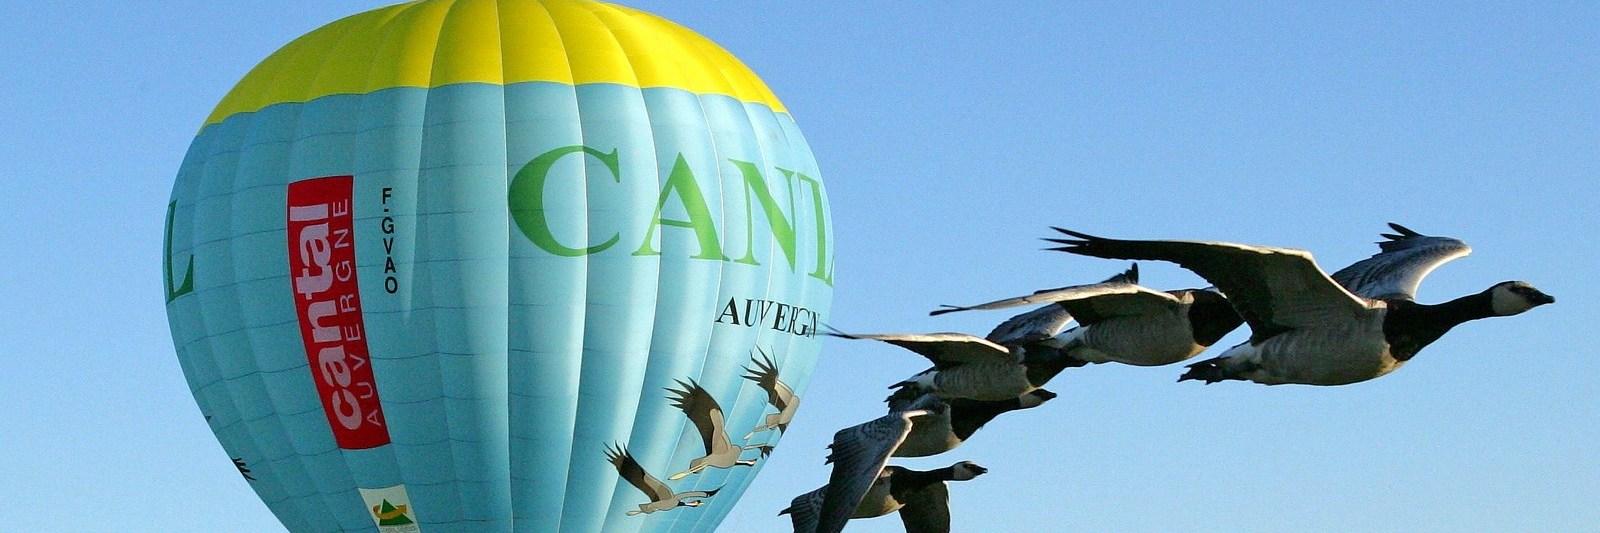 andeau-montgolfiere-oiseaux